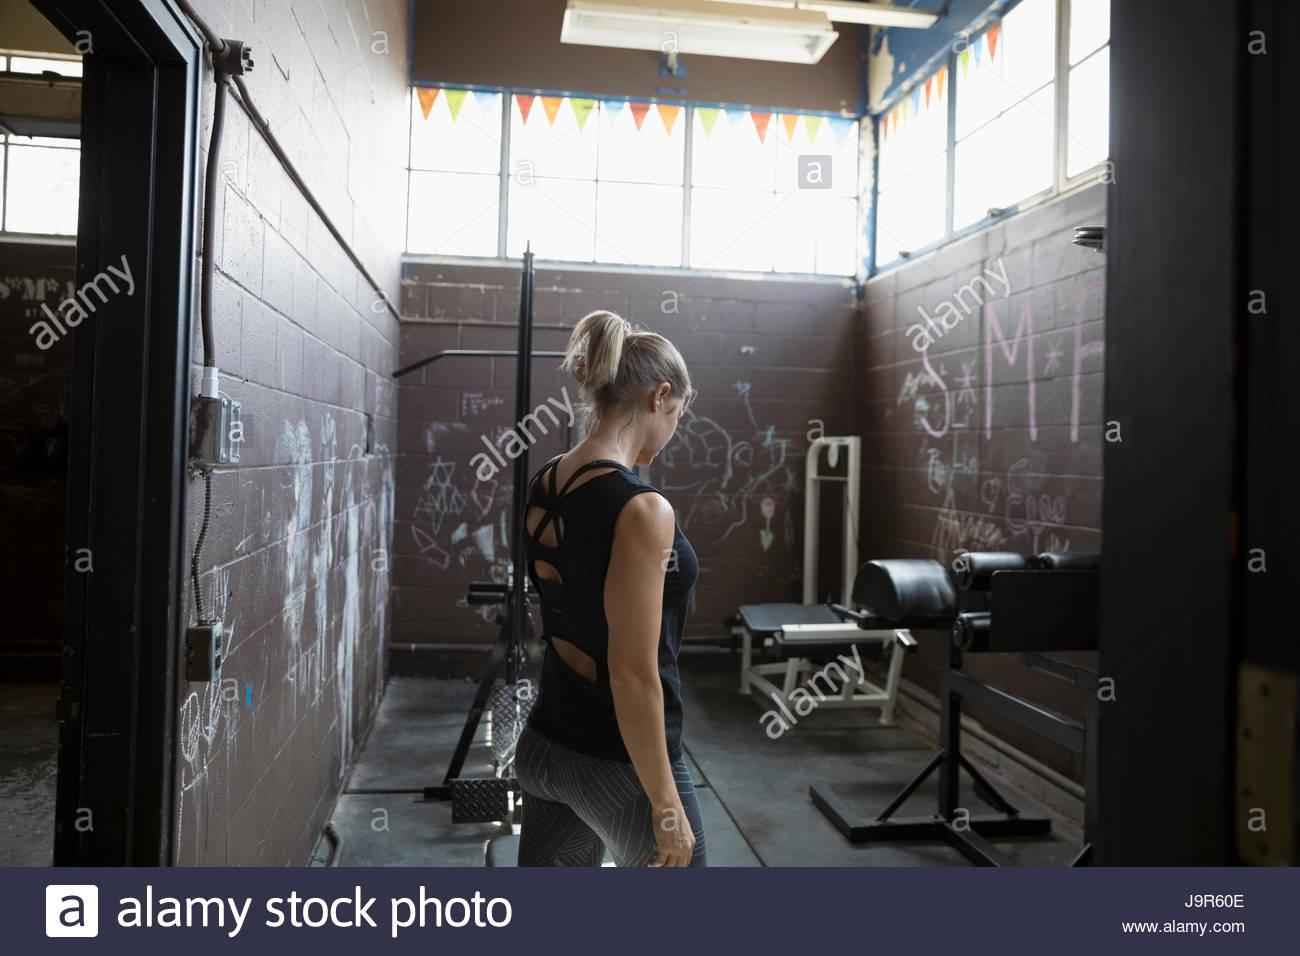 Fit woman en haltérophilie sport graveleux Photo Stock